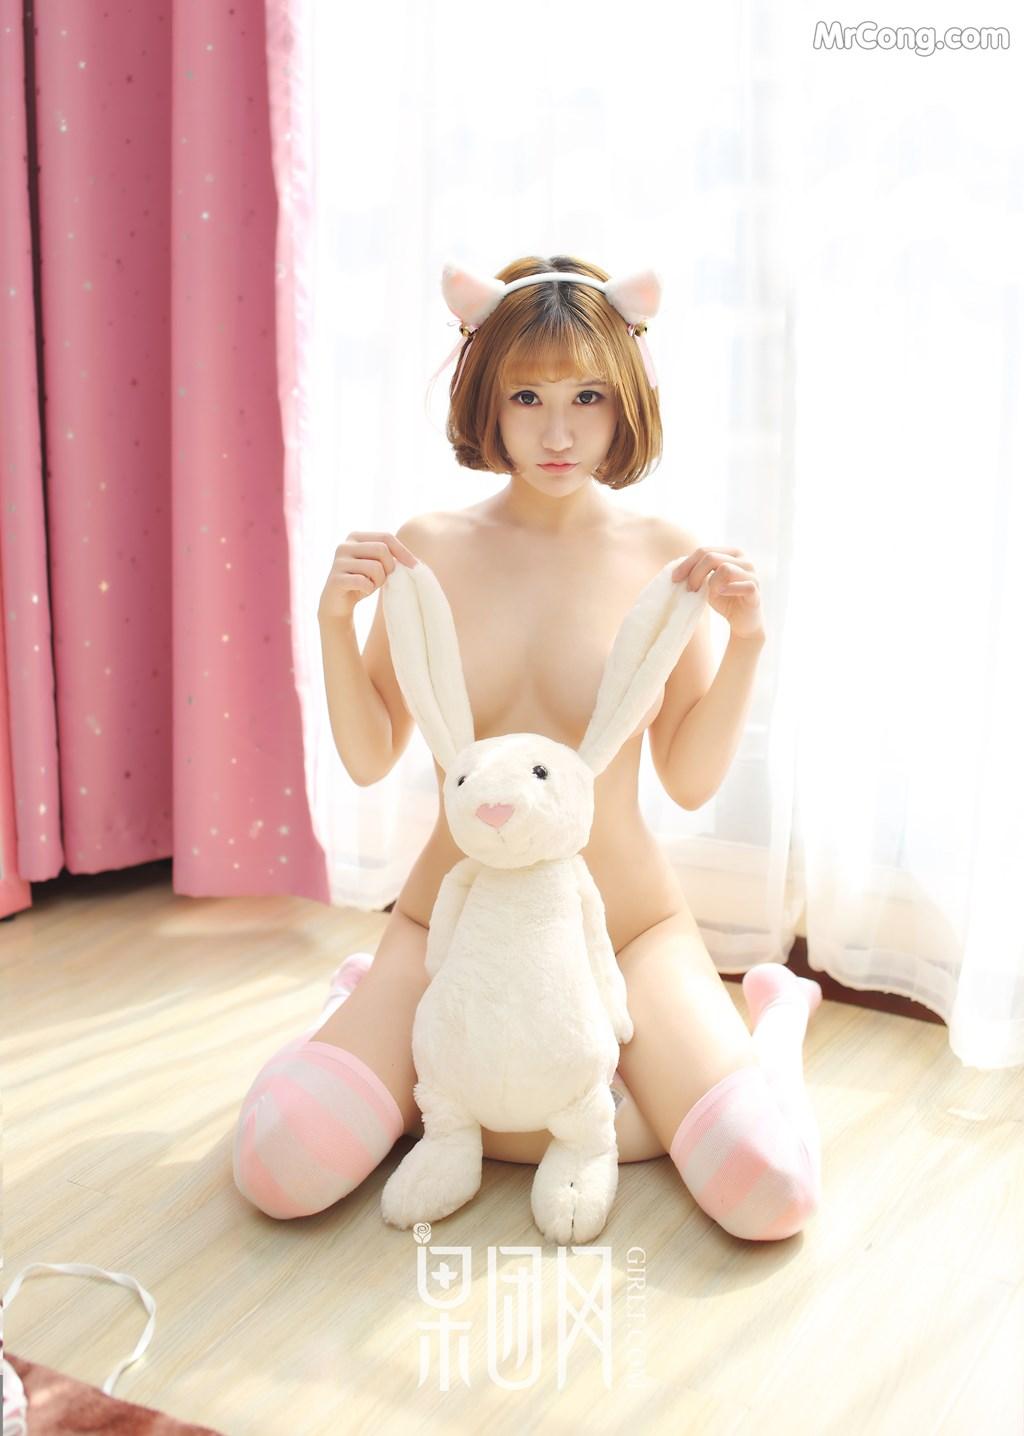 Image GIRLT-No.042-Aojiao-Meng-Meng-K8Vivian-MrCong.com-004 in post GIRLT No.042: Người mẫu Aojiao Meng Meng (K8傲娇萌萌Vivian) (54 ảnh)